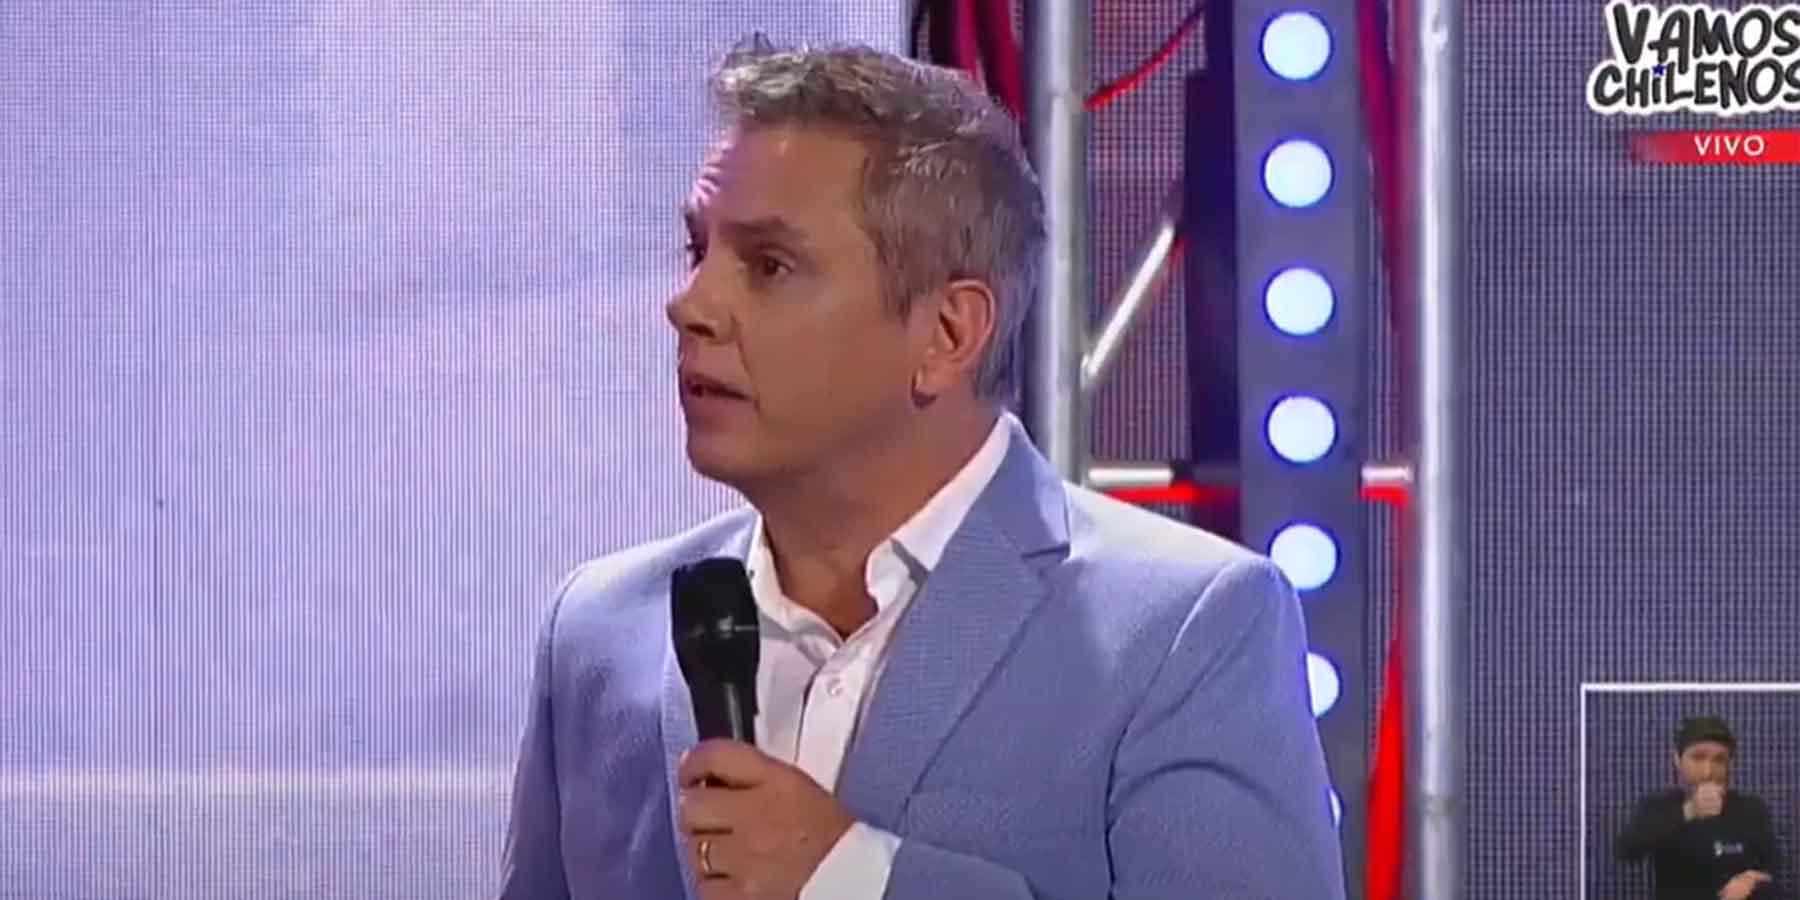 Viñuela filtró posible regreso de un reconocido programa de farándula de Mega